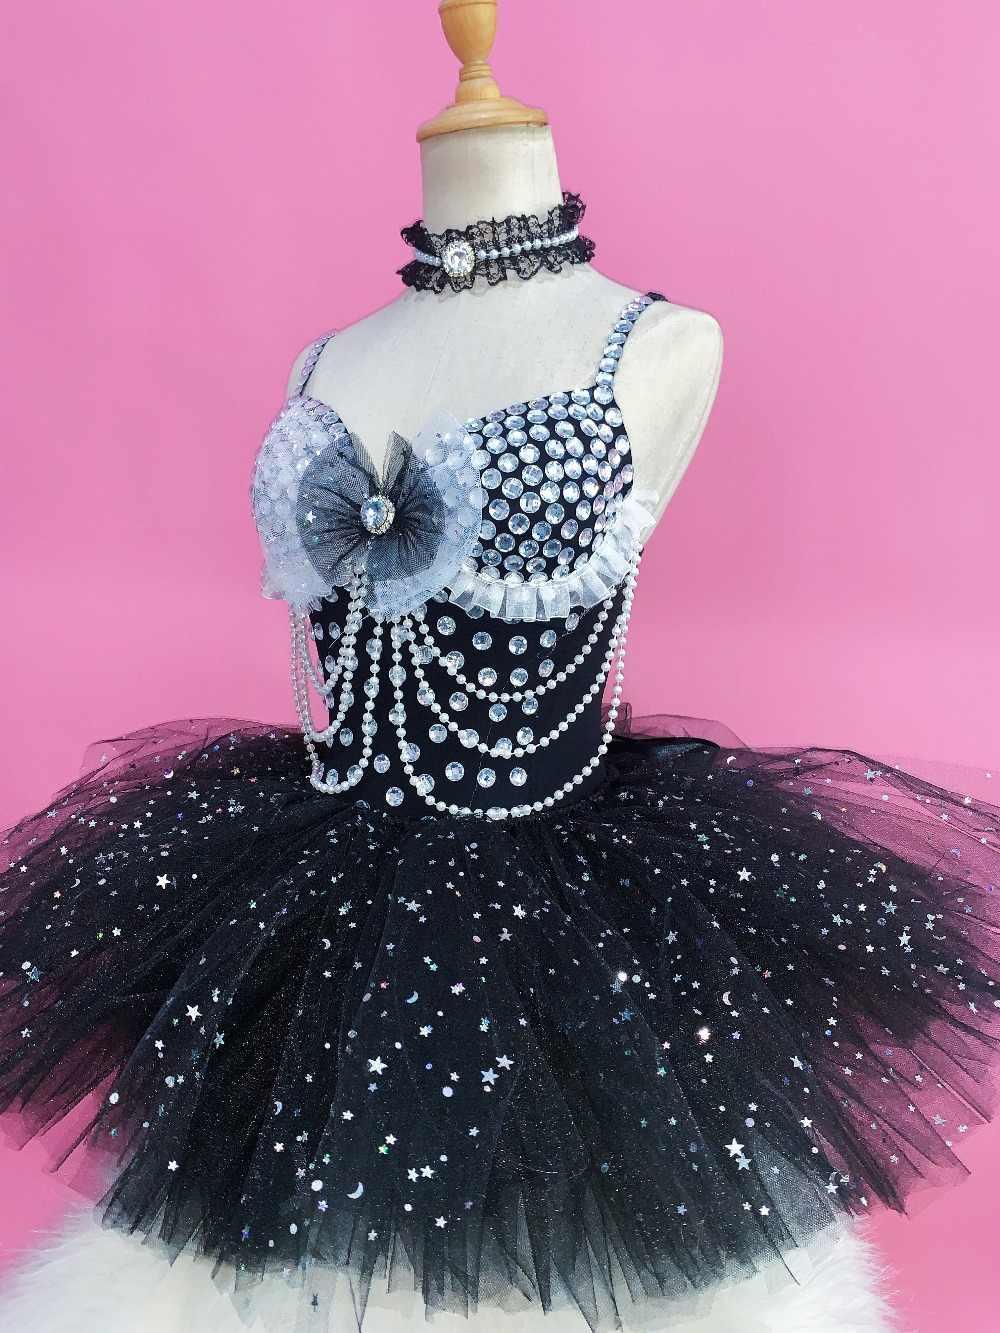 Блестящие Серебряные стразы черный купальник наряд певицы DJ DS Танцы одежда этап блестящие пачки наряд боди